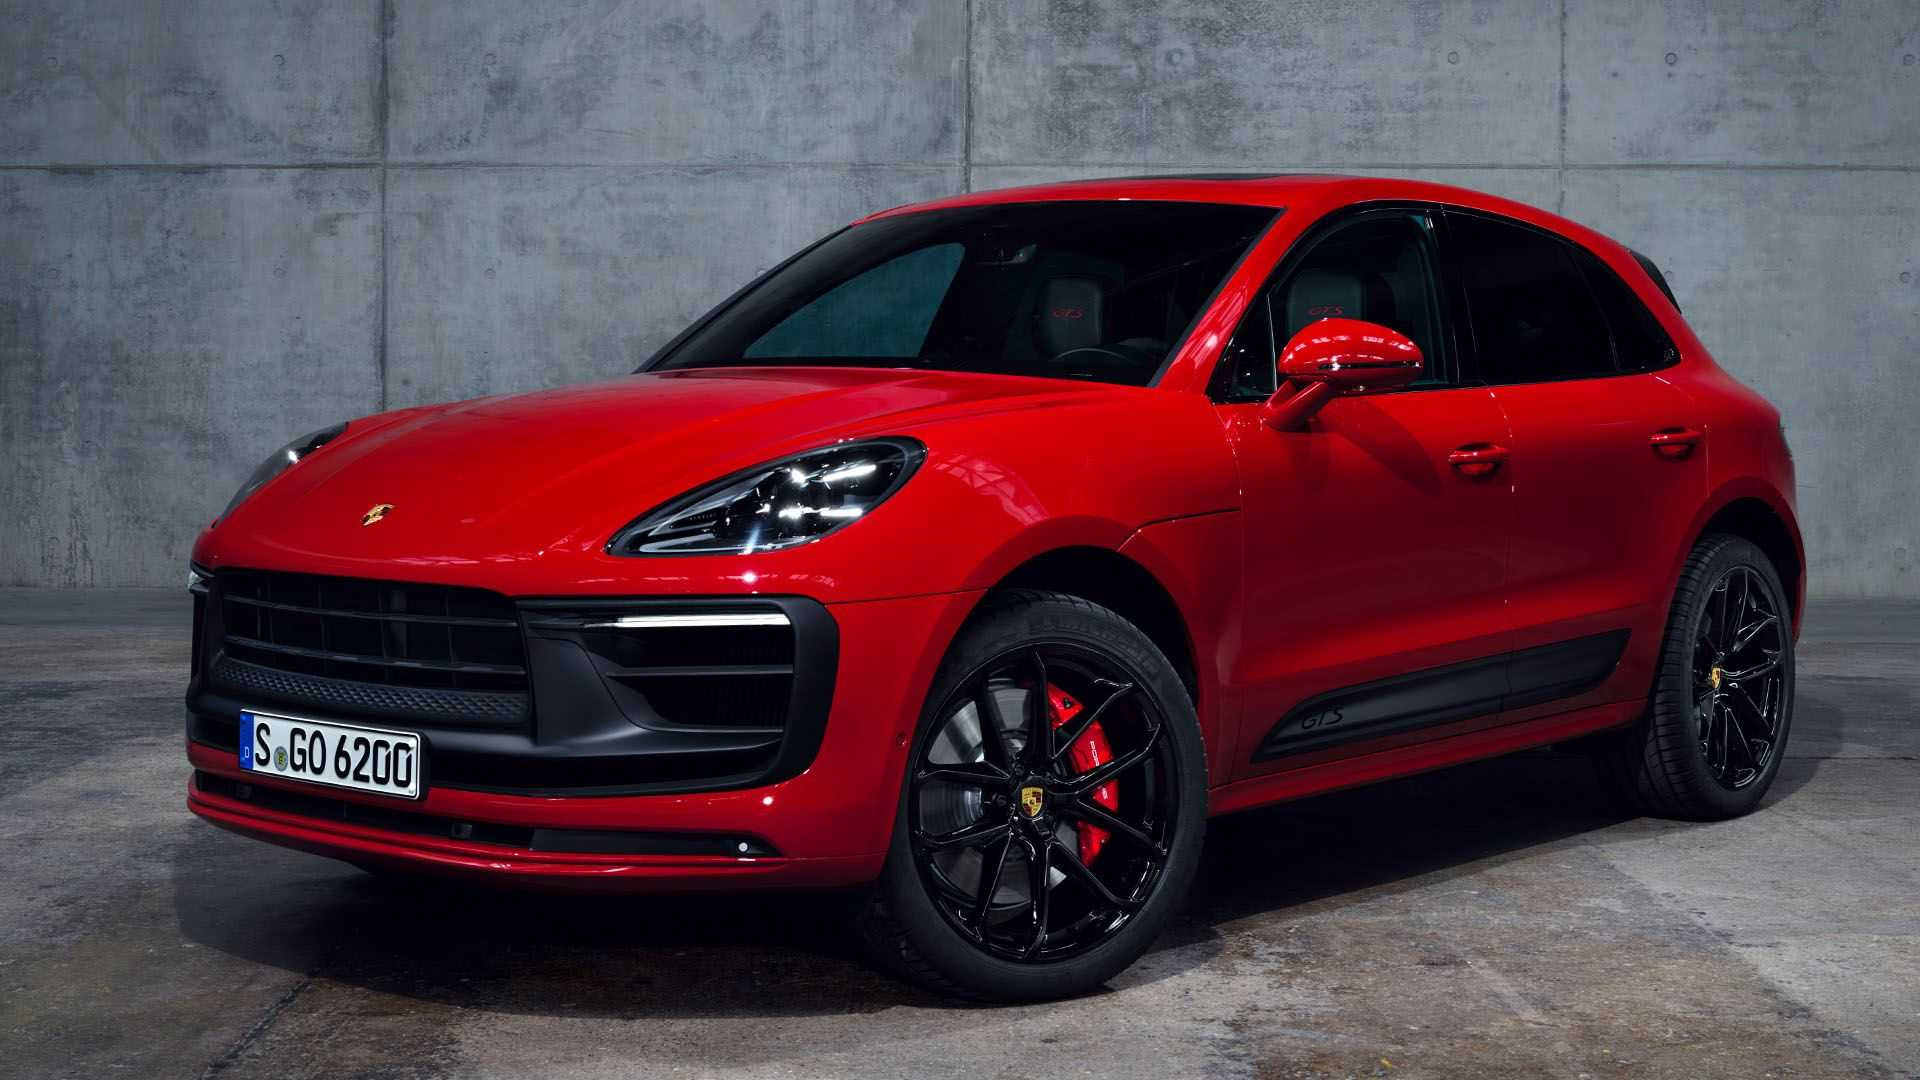 El Porsche Macan 2021 es más estilizado y deportivo